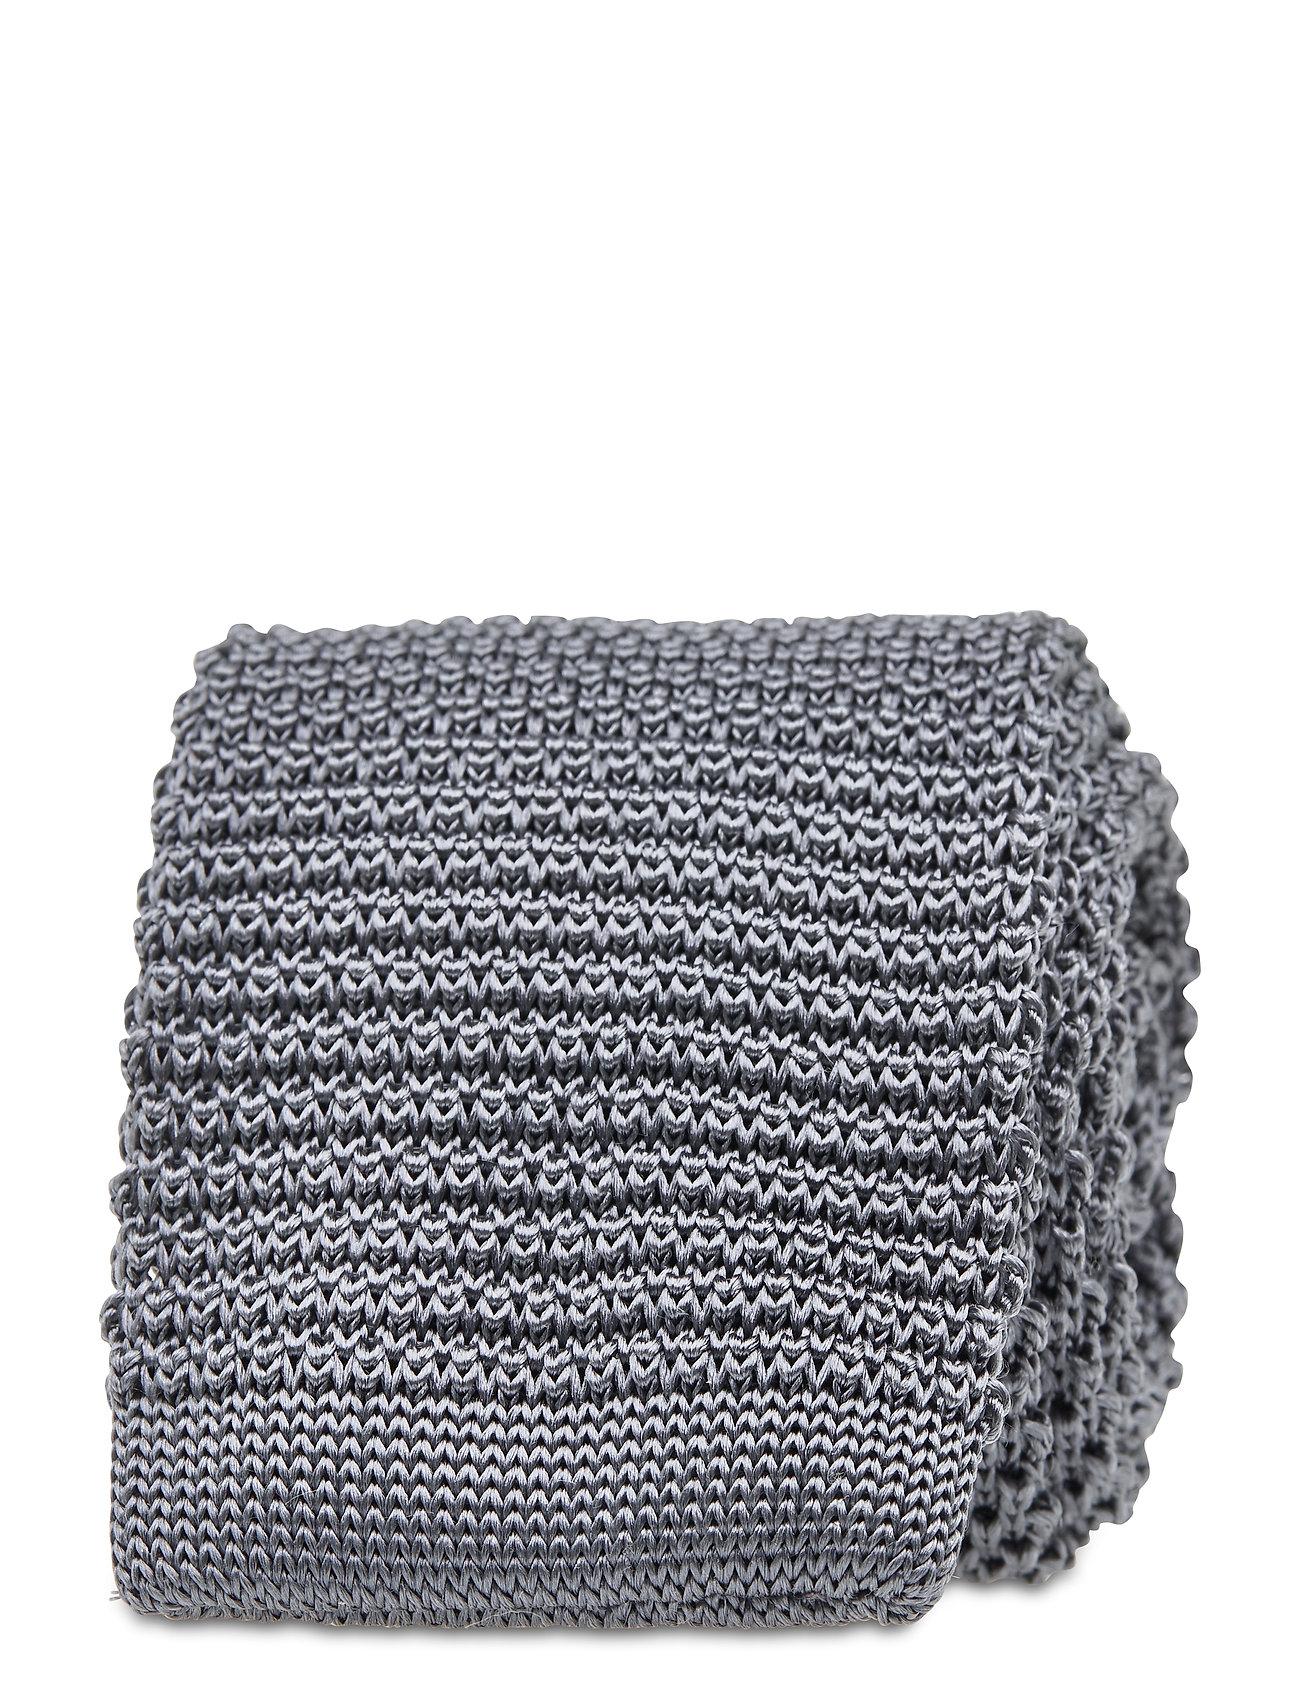 Image of Knitted Tie Slips Grå Amanda Christensen (3475121315)